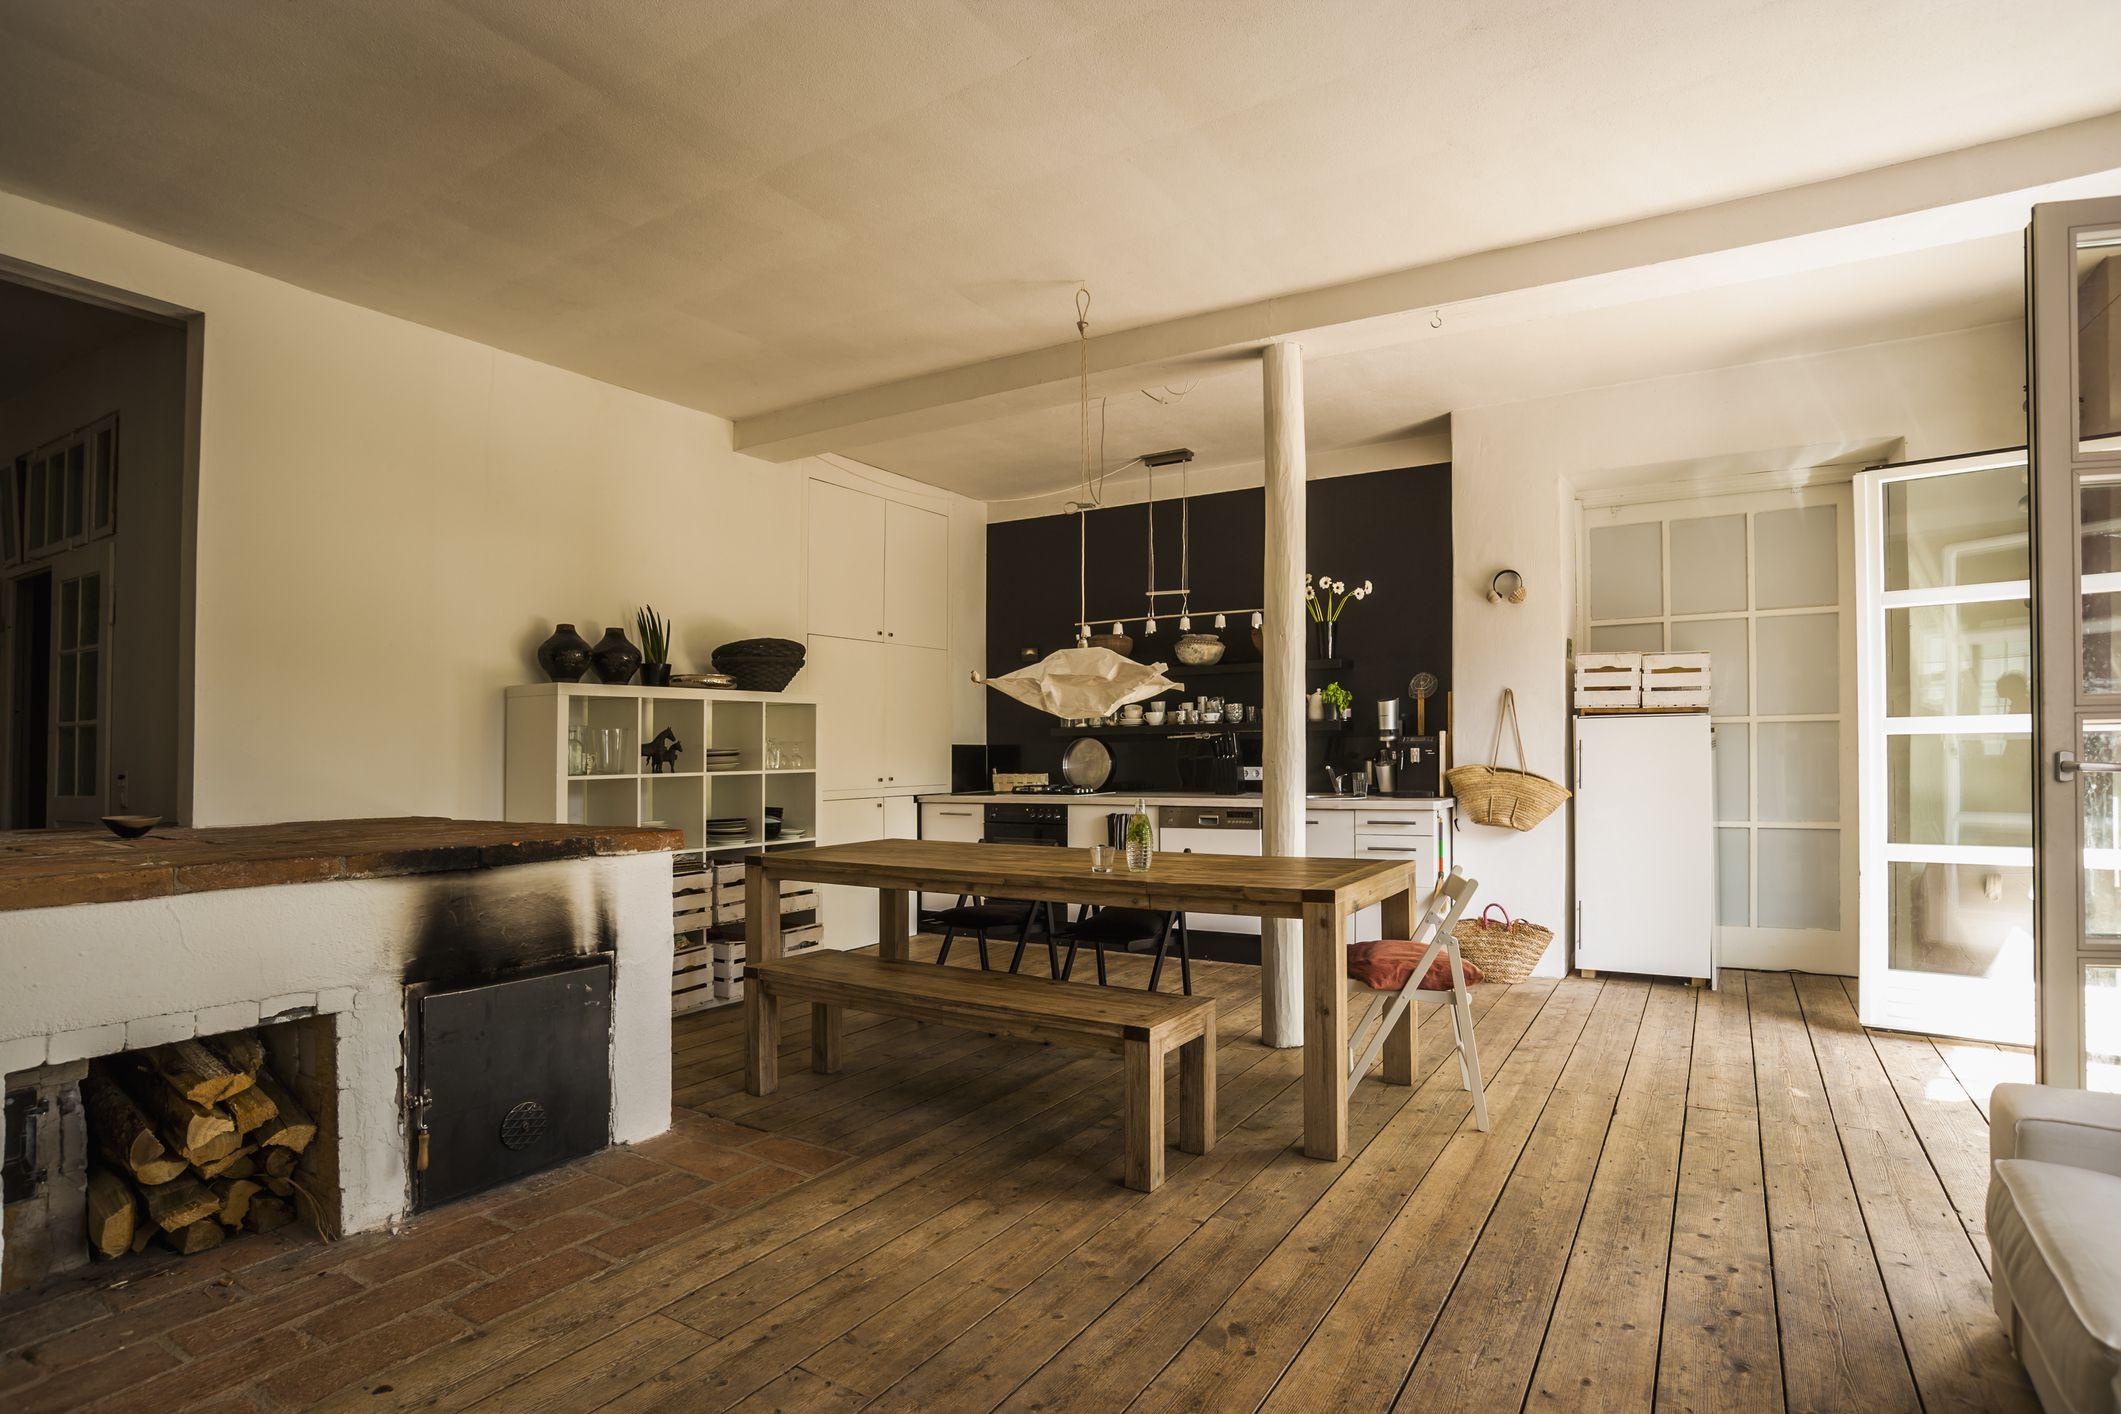 waterproof hardwood floor sealer of vinyl wood flooring versus natural hardwood within diningroom woodenfloor gettyimages 544546775 590e57565f9b58647043440a